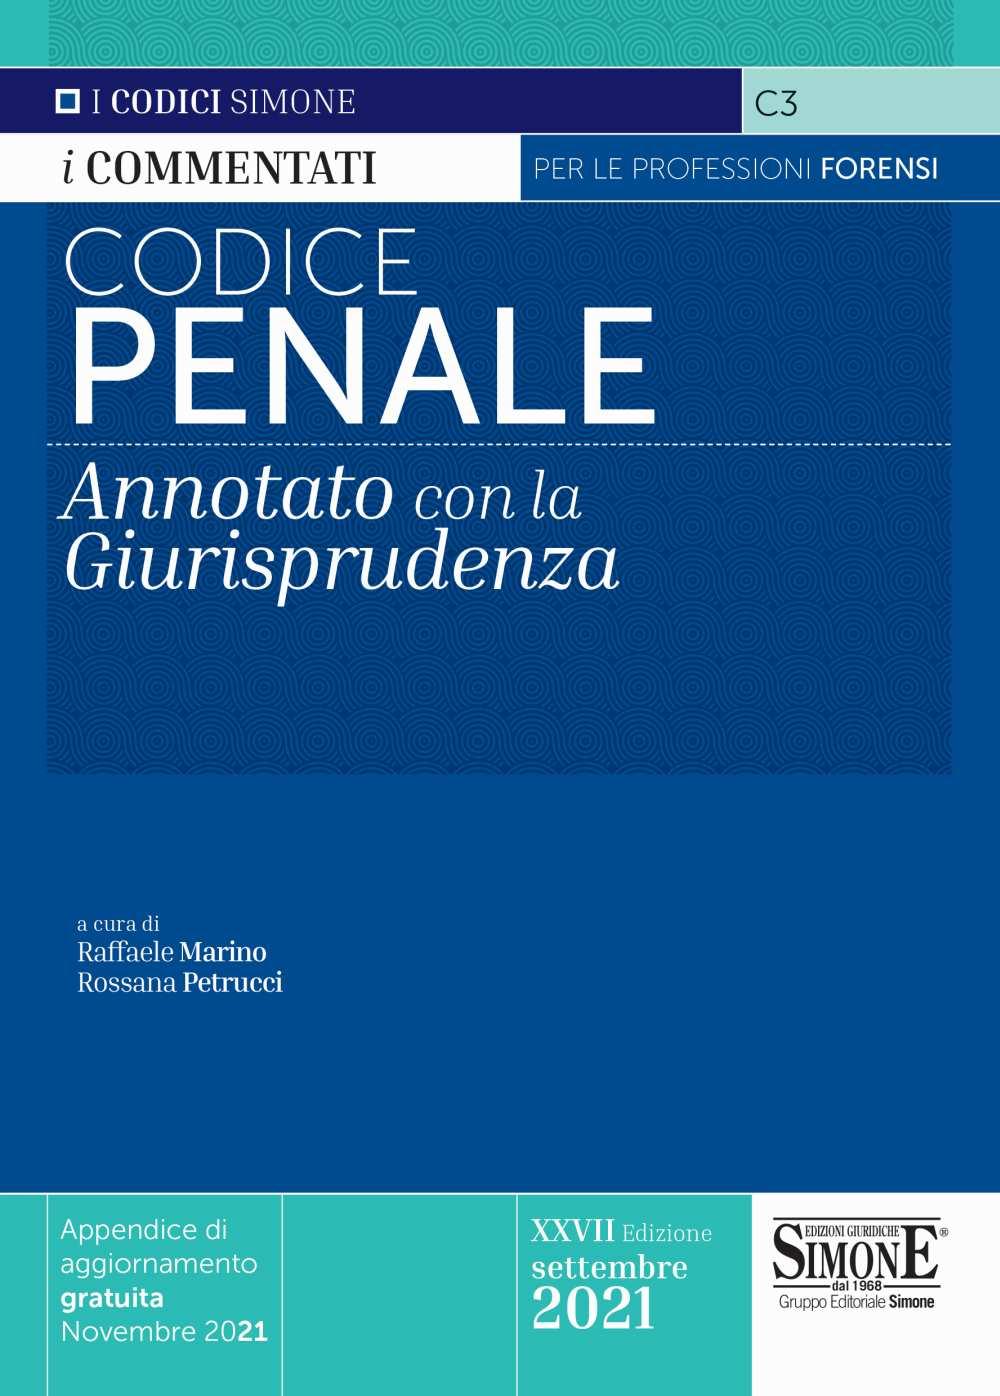 Codice Penale commentato 2021